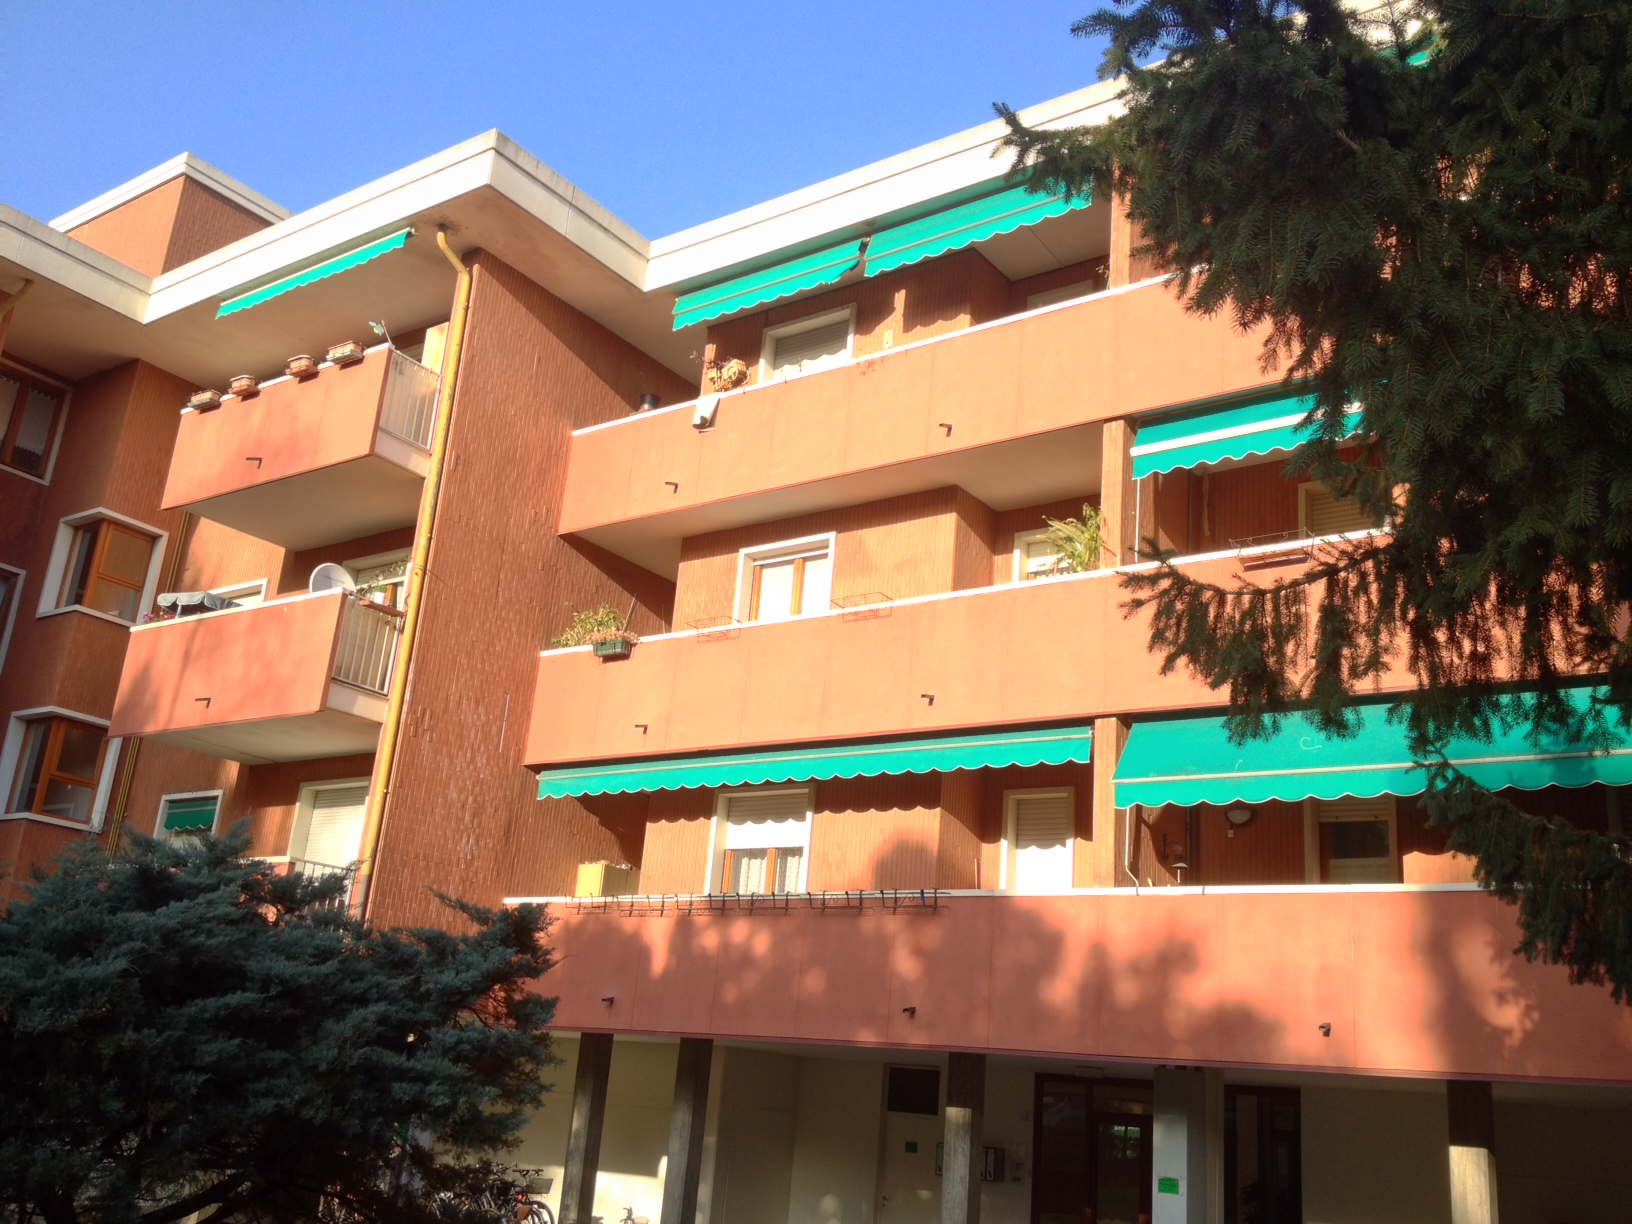 Bilocale Udine Via Medici 8